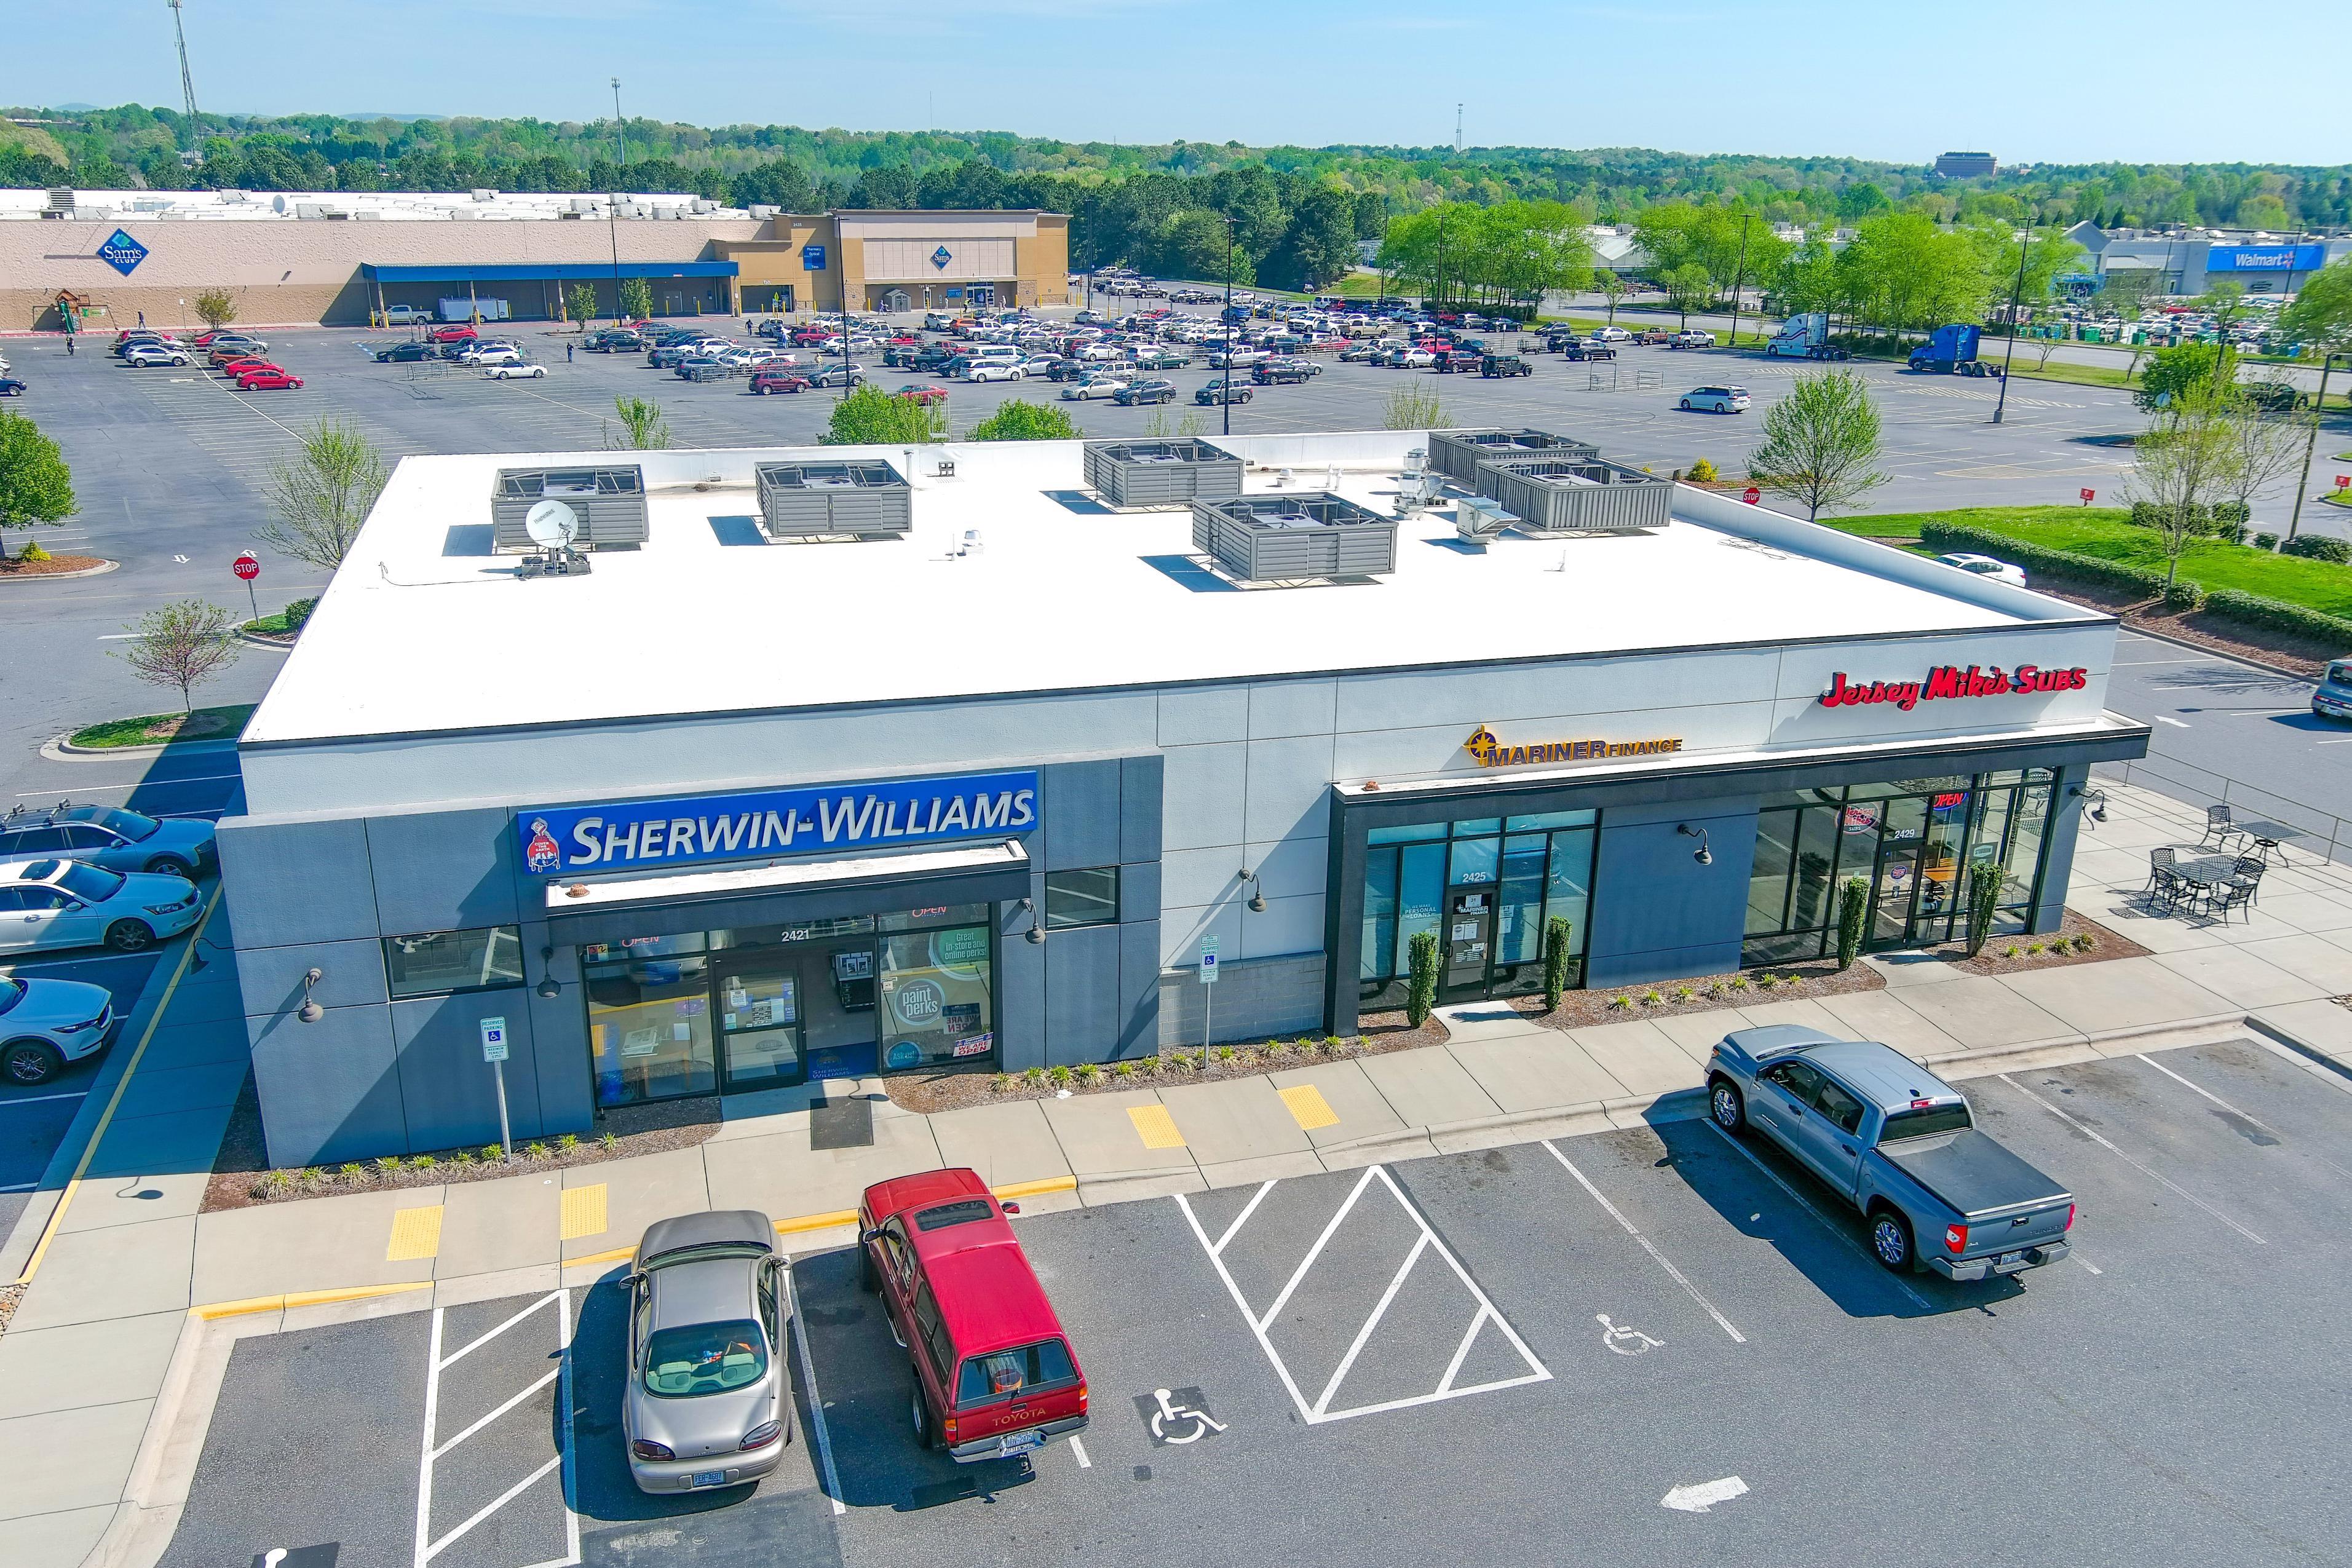 Sherwin-Williams Shops